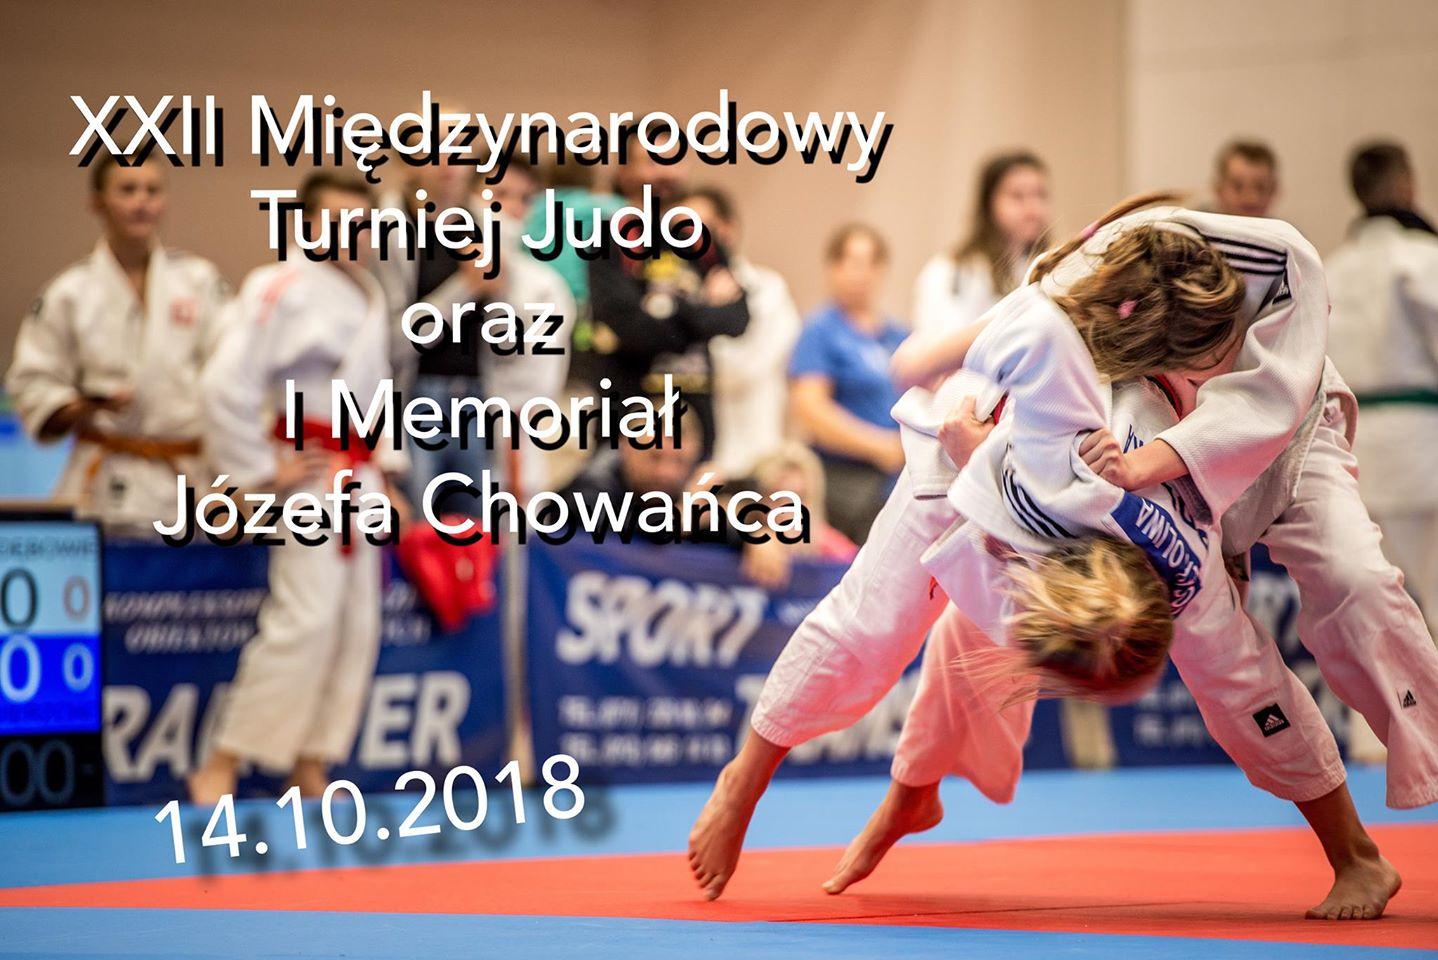 11 medali na XXII Międzynarodowym Turnieju Judo w Zakopanem, 14.10.2018